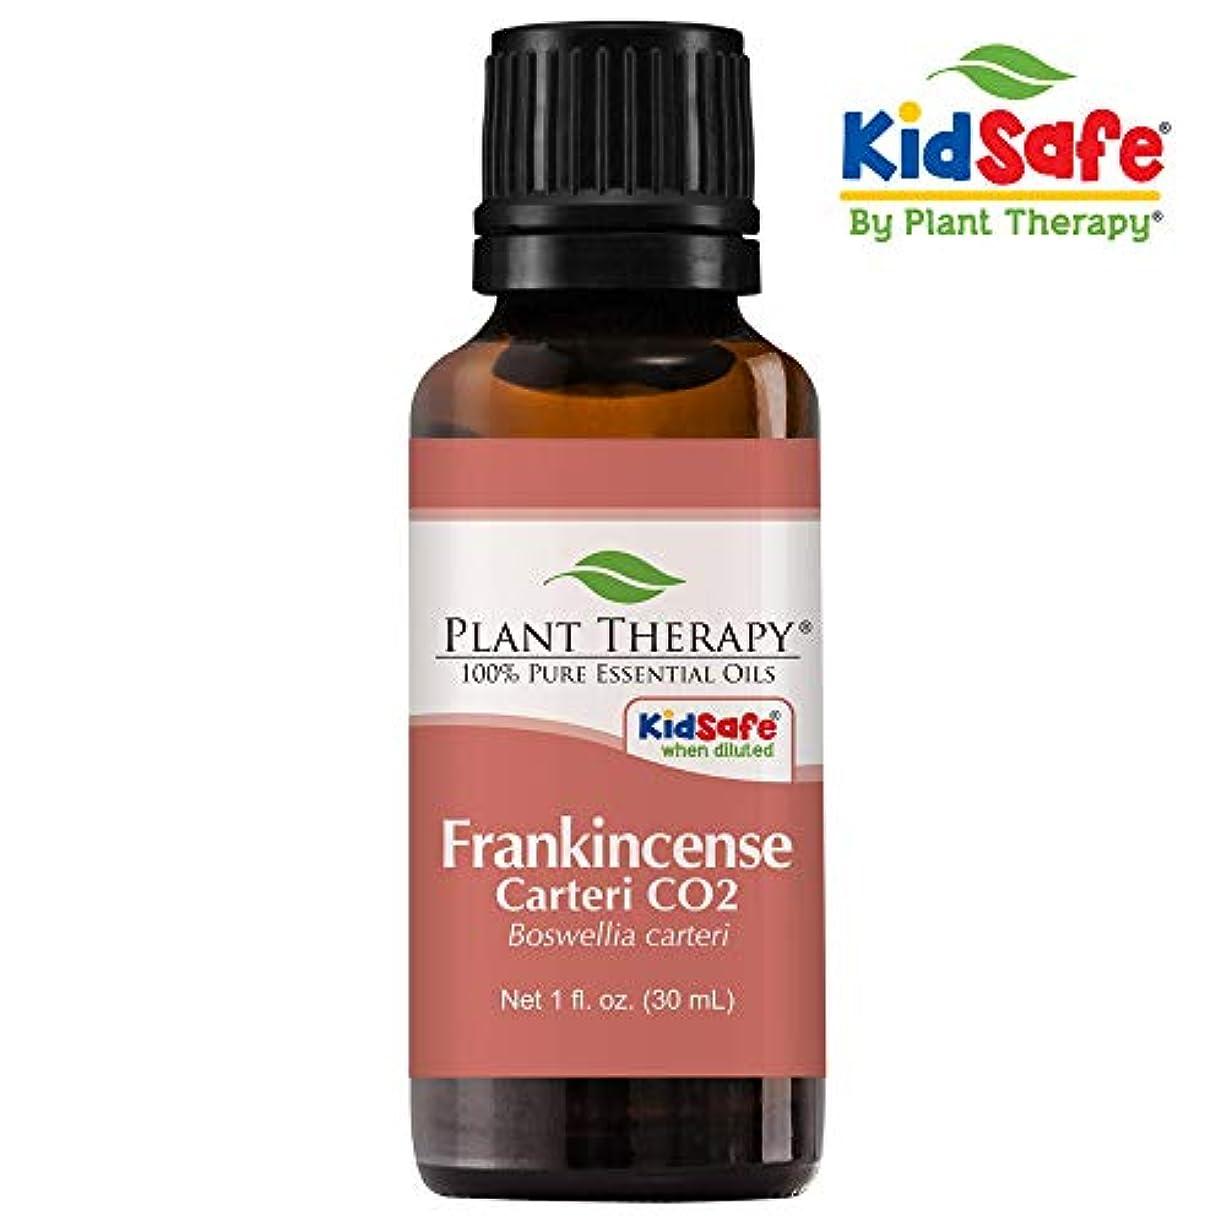 賢明な素晴らしいポイントフランキンセンスCarteri CO2 30 mLのエッセンシャルオイル100%ピュア、治療グレード